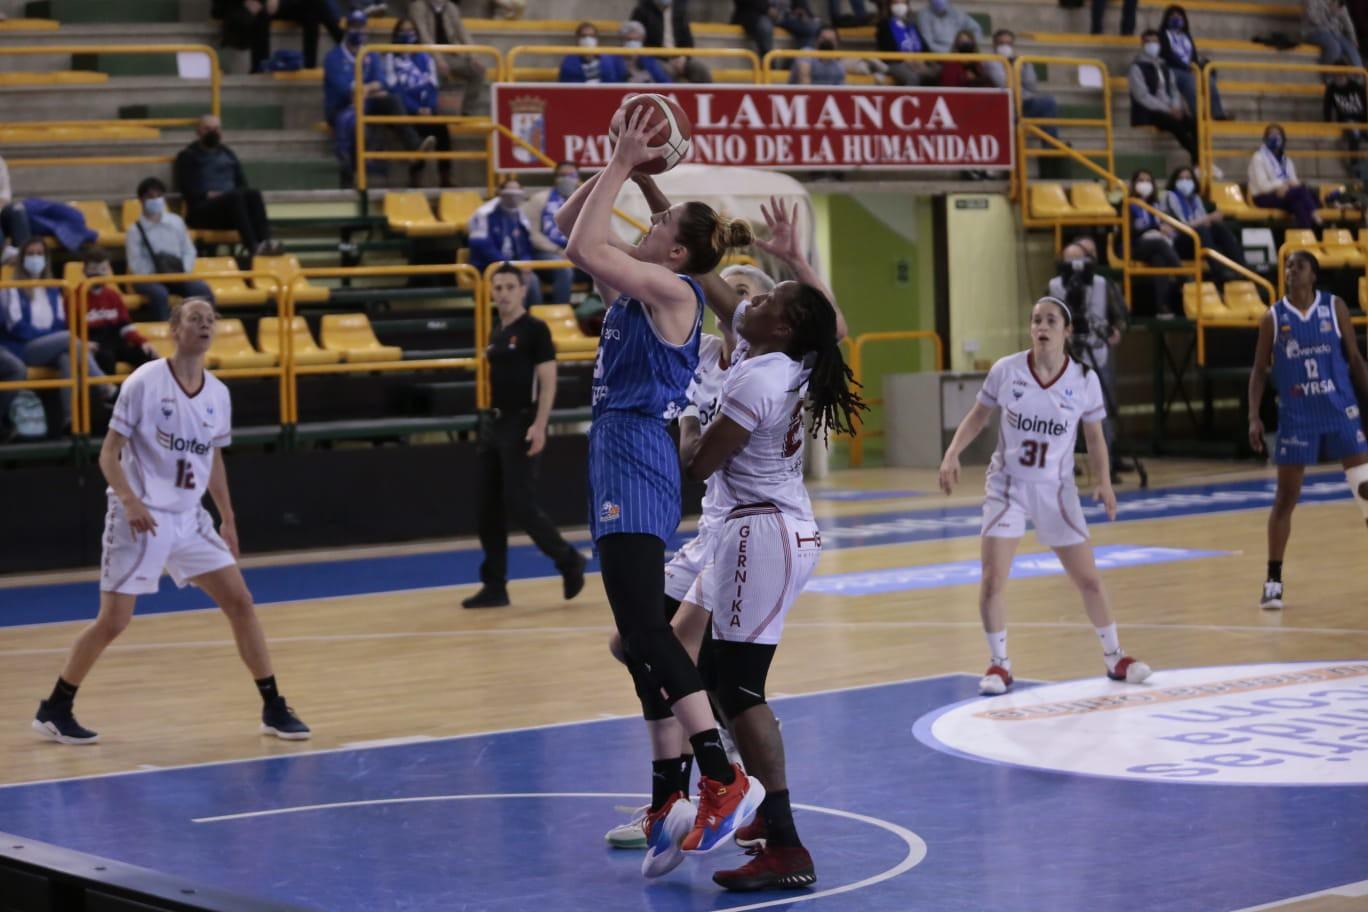 Perfumerías Avenida derrota a Lointek Gernika en las semifinales de la Liga Femenina Endesa